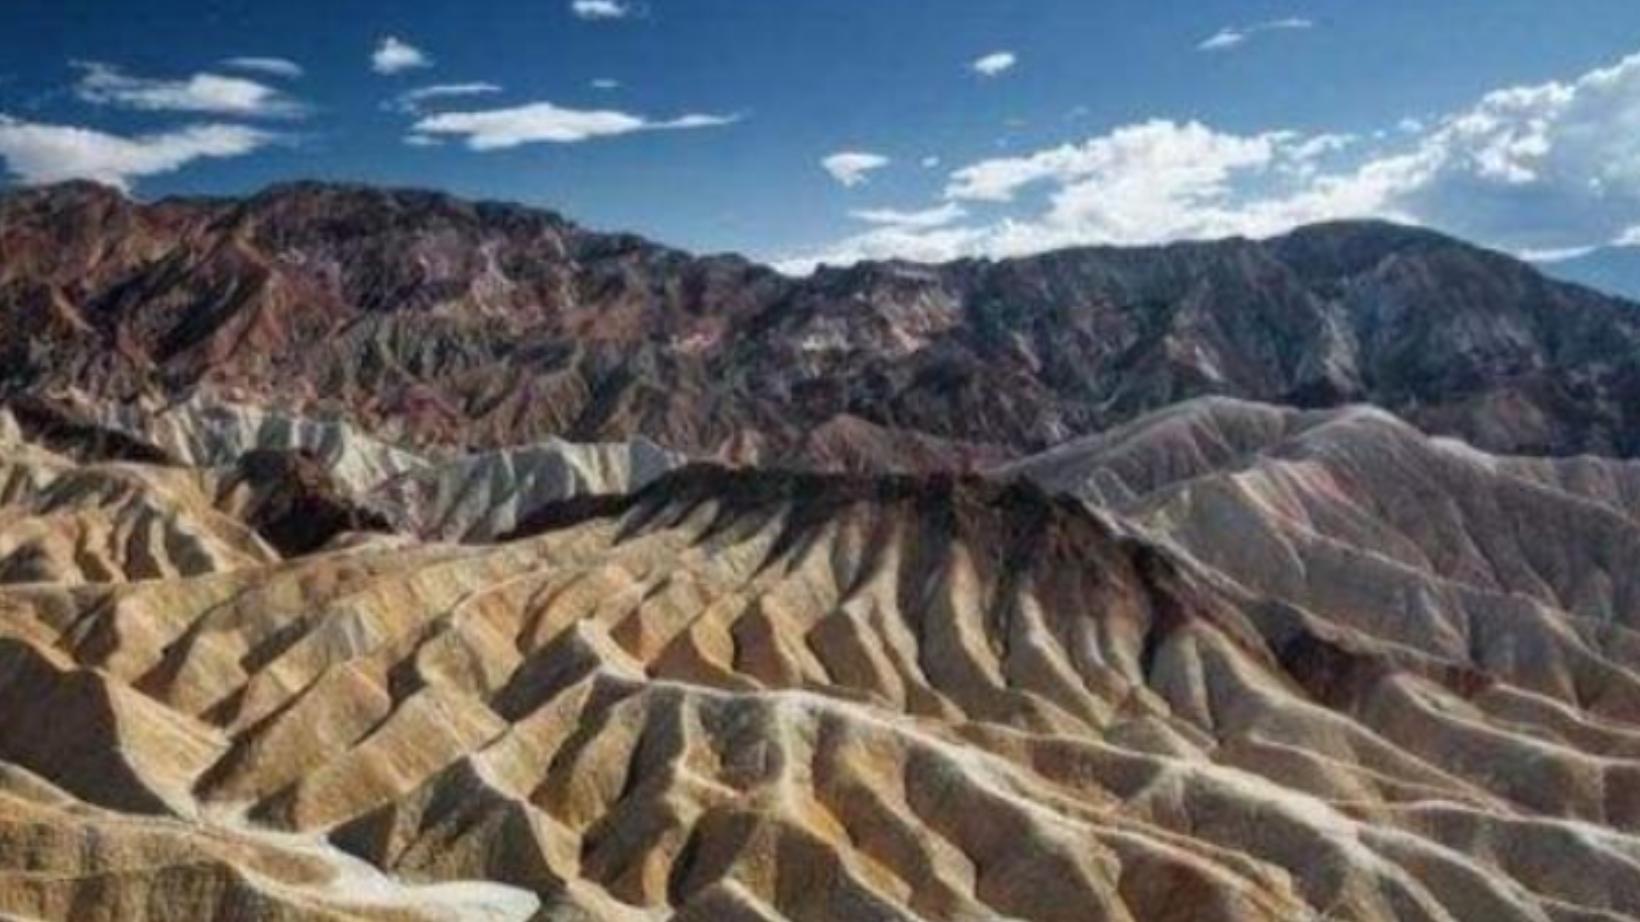 美国某峡谷出现凄切哭声,岩石可自行走动,死亡谷真的存在吗?